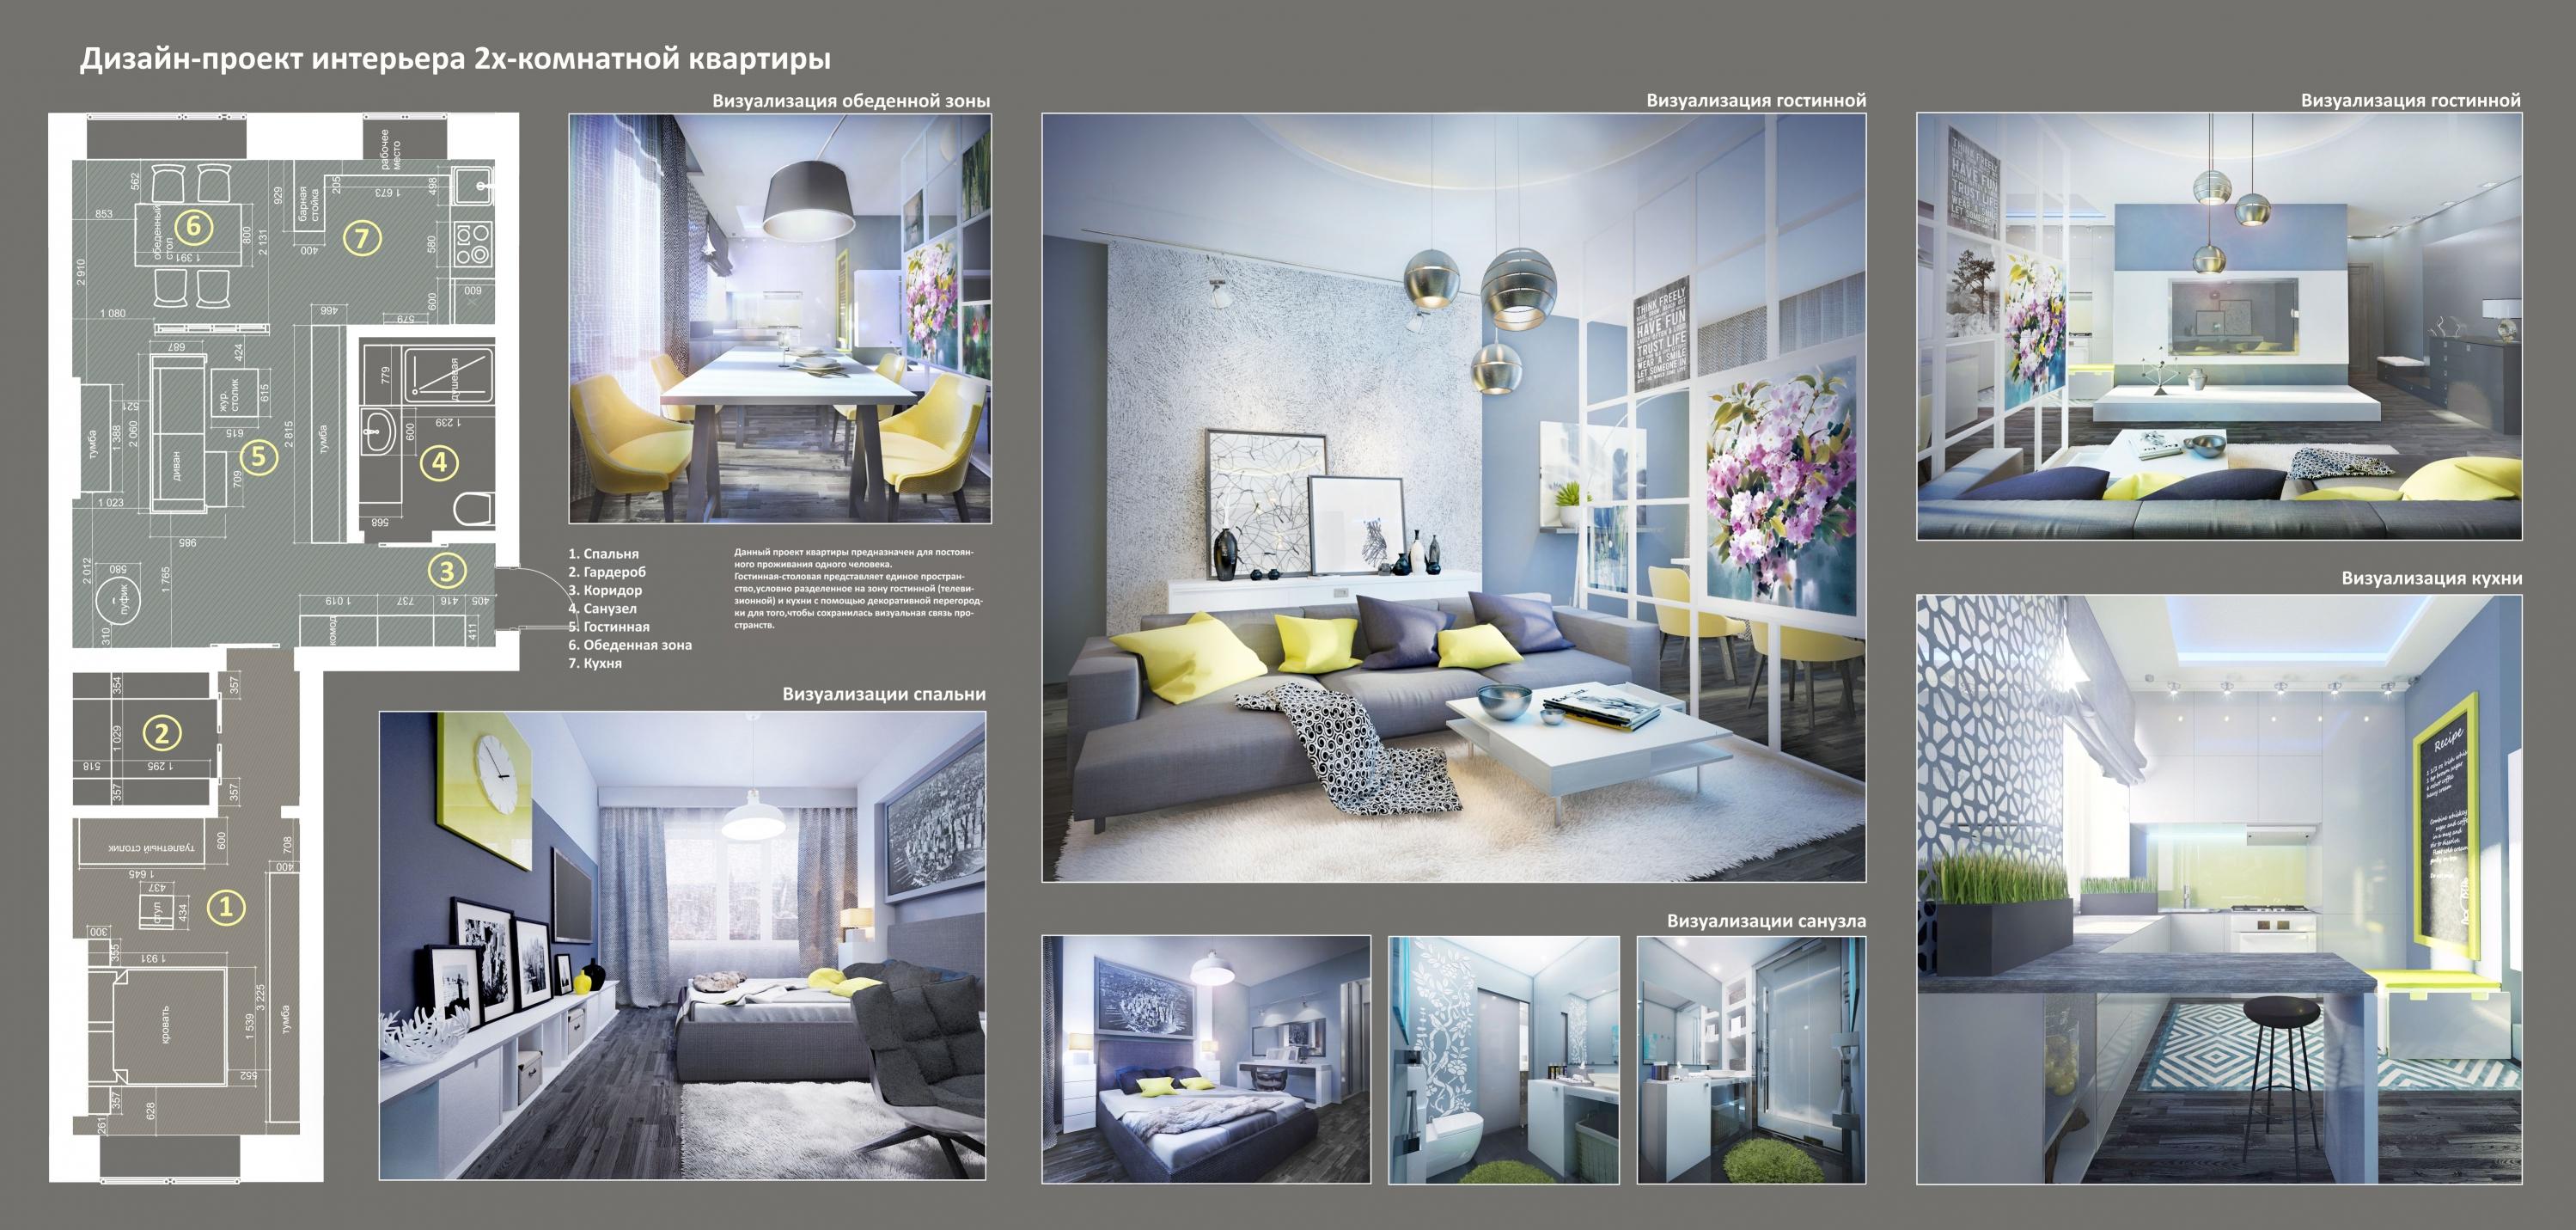 Материалы за Картинки и фотографии дизайна квартир  Дипломная работа дизайн интерьера музея